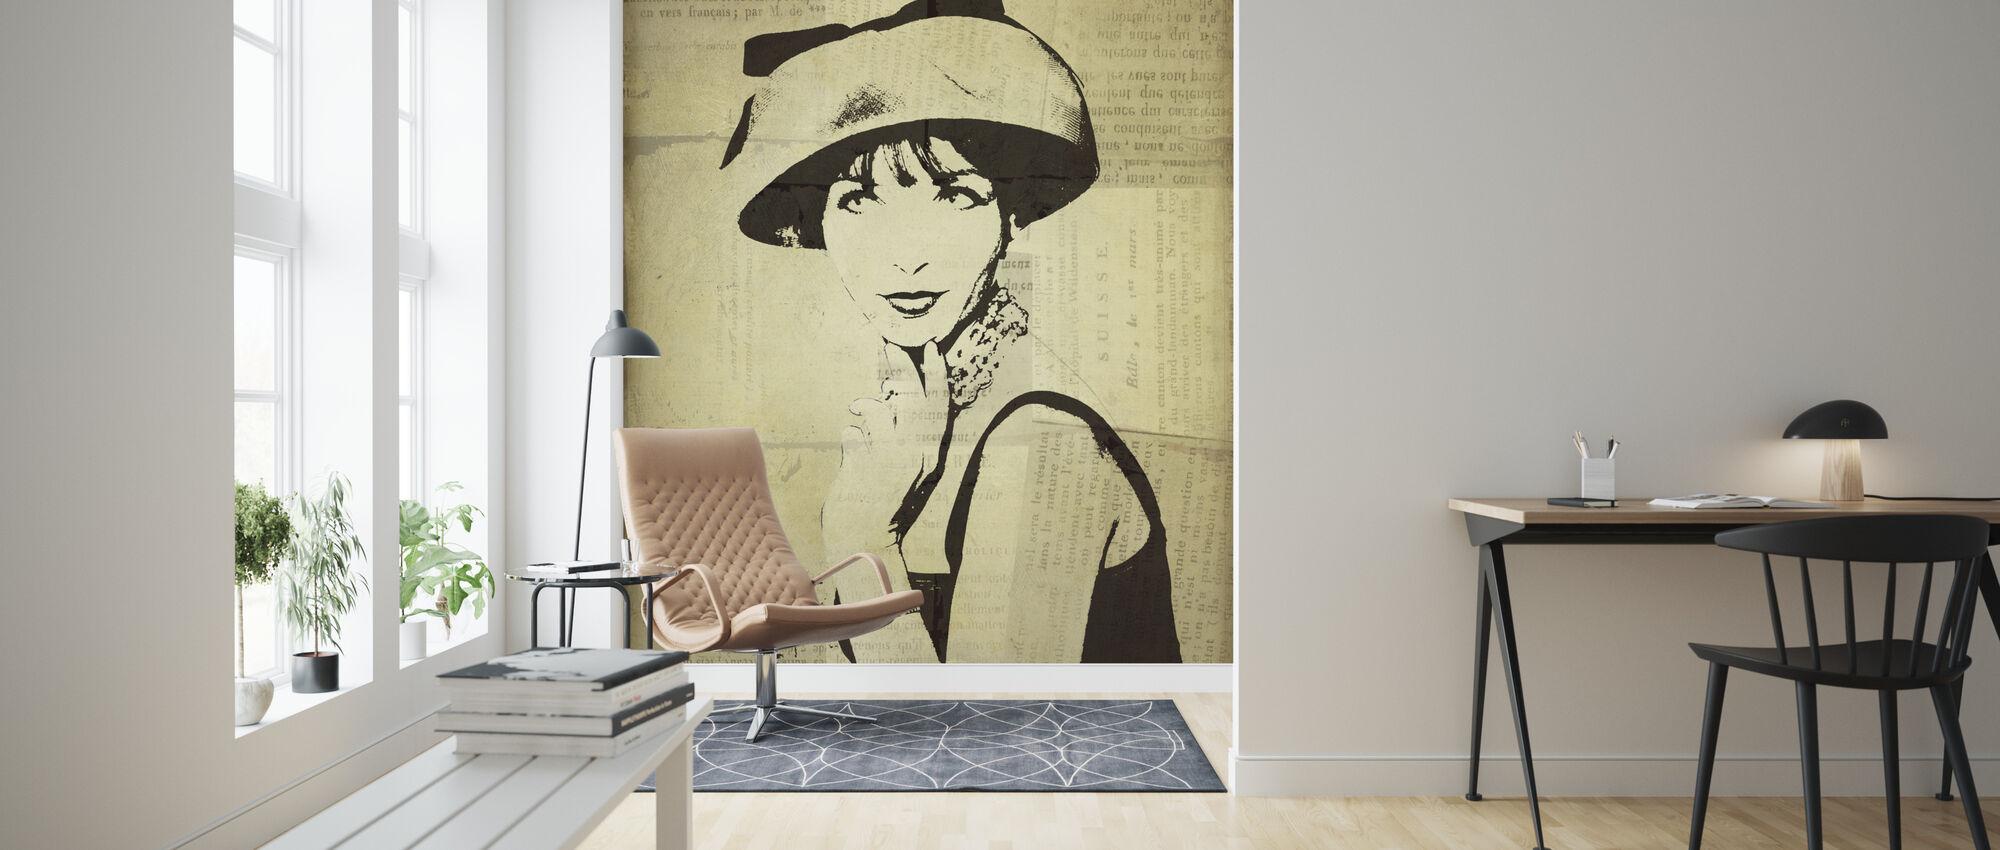 Fashion News I - Wallpaper - Living Room